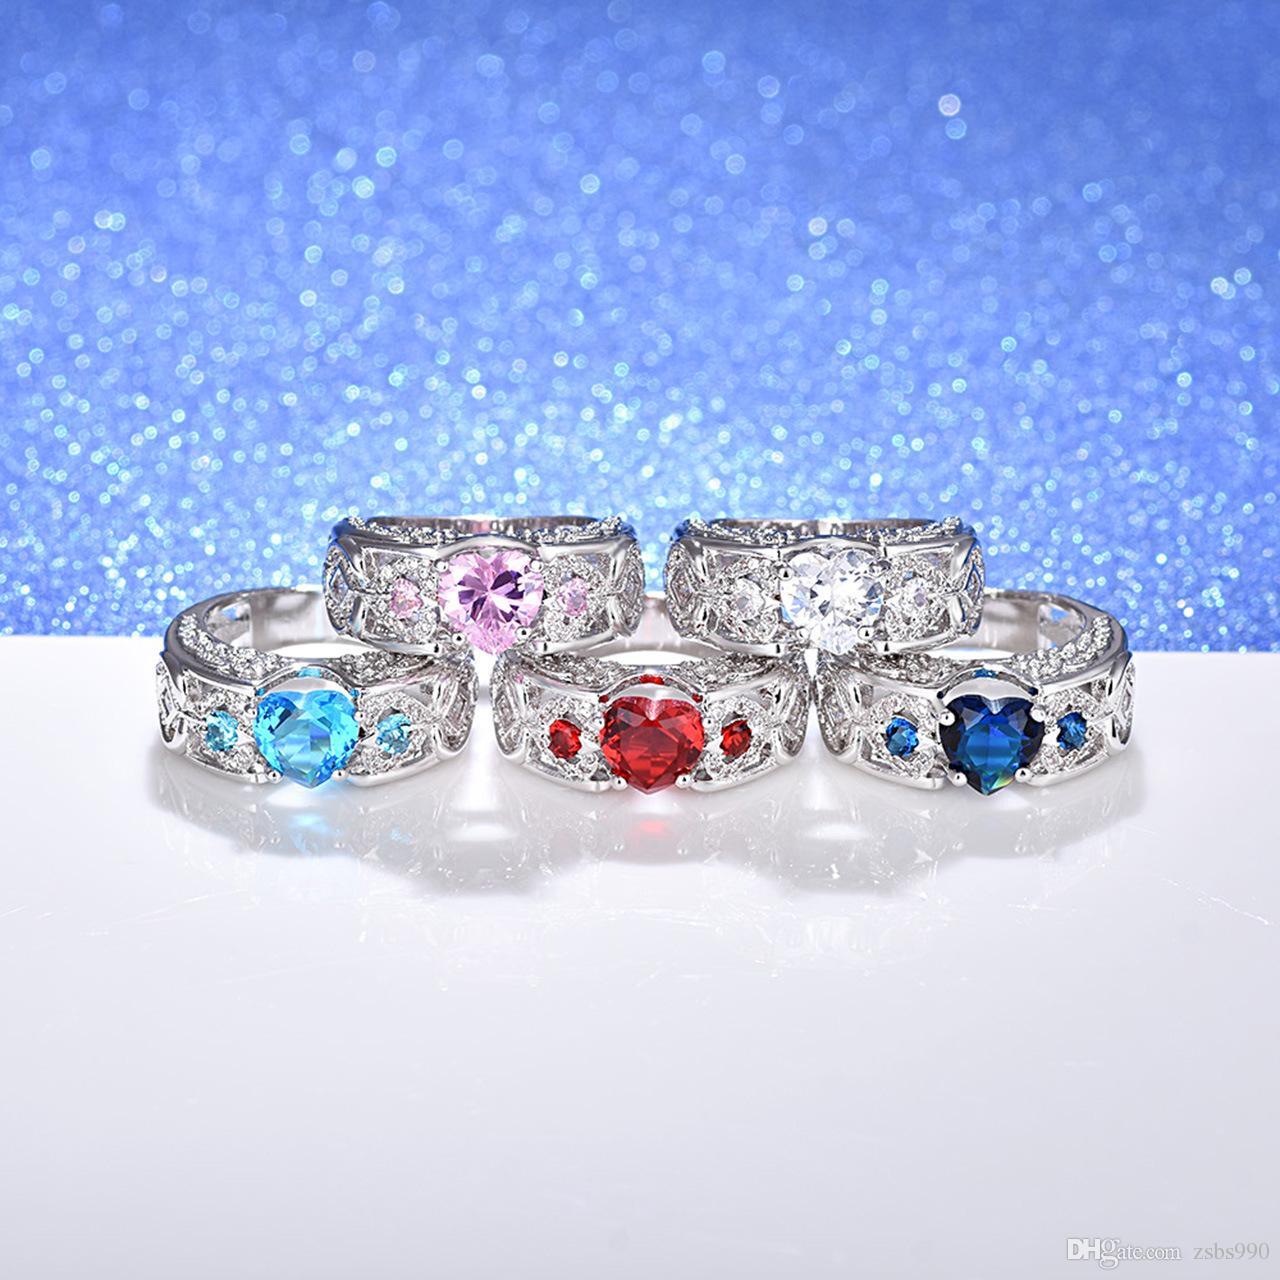 Оптовая белое золото покрытием в форме сердца Циркон участие / свадьба палец кольцо мода День Святого Валентина подарок ювелирные изделия для женщины Mix цвет